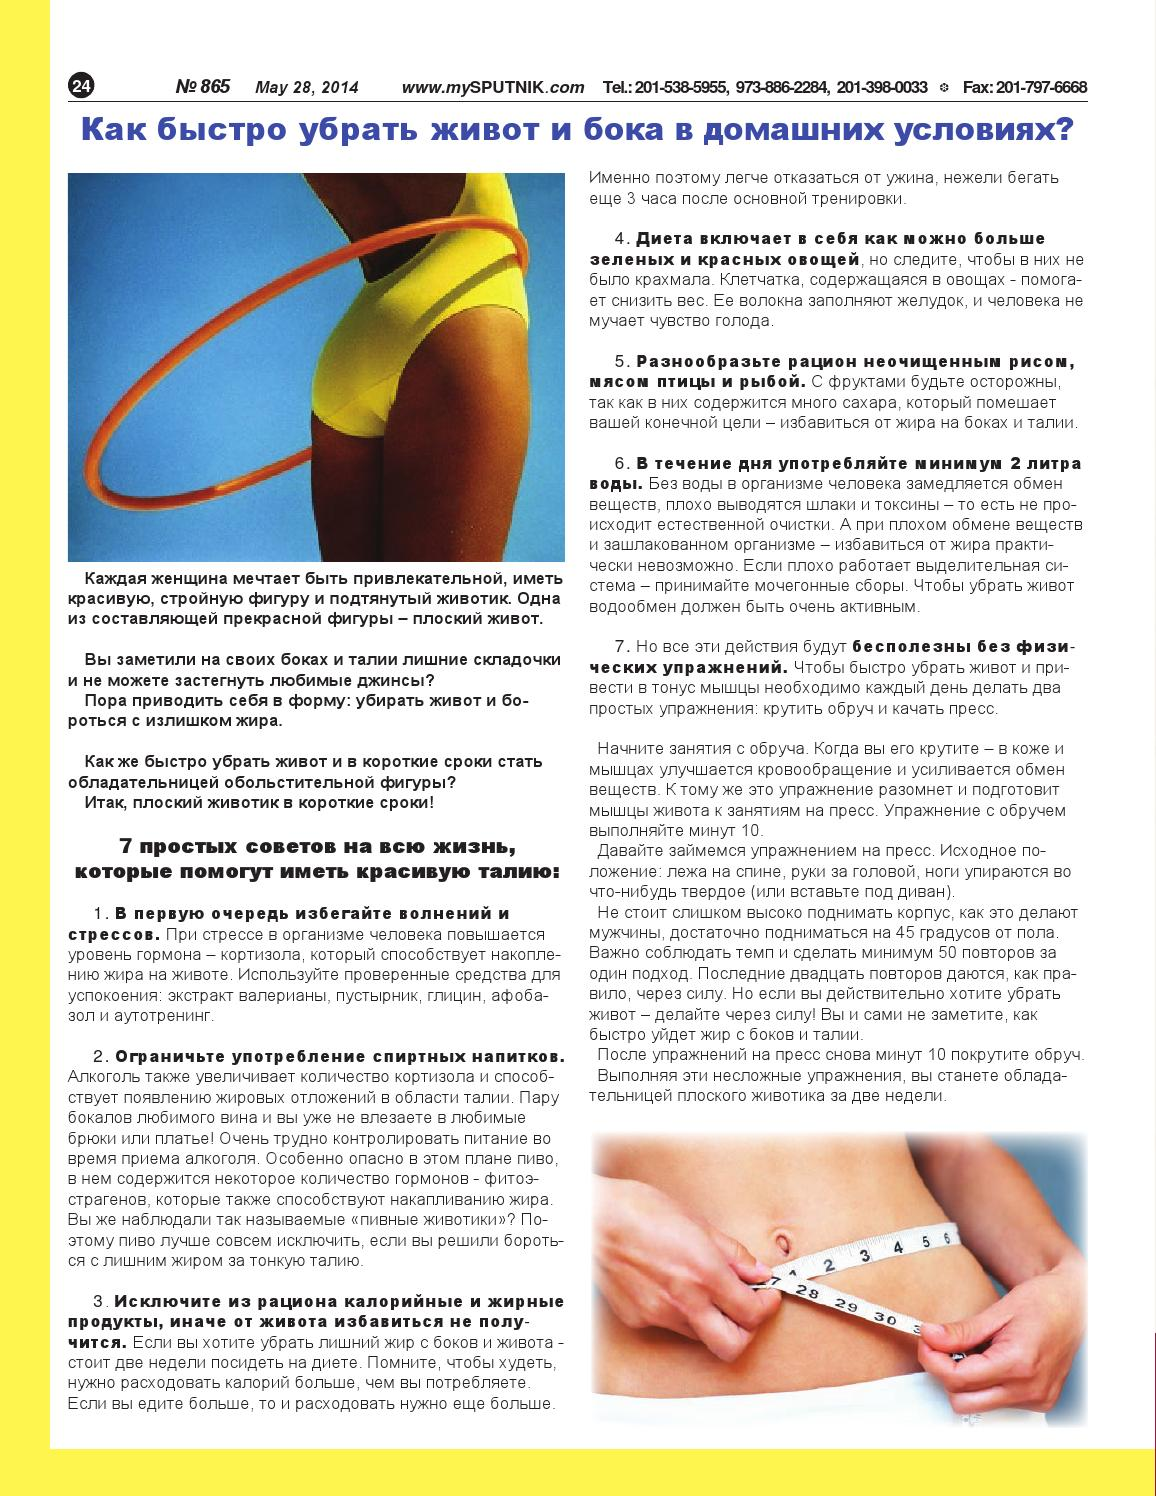 Обруч хулахуп для похудения: 5 советов начинающим, выбор обруча, отзывы